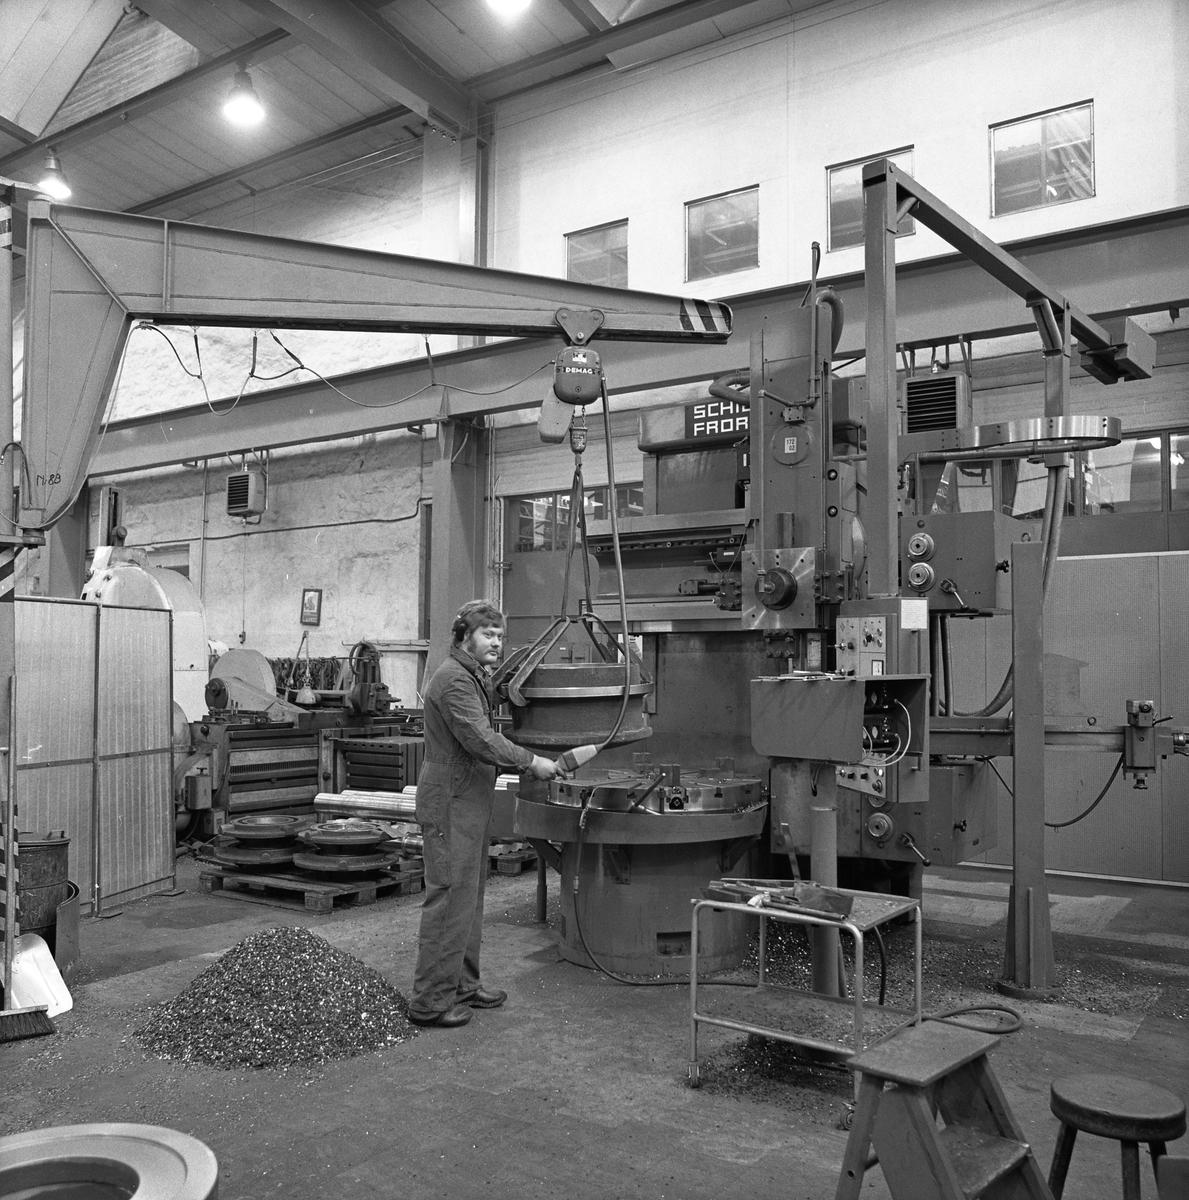 Interiör från maskinverkstan på Arboga Mekaniska Verkstad.  Mannen vid maskinen är Gunnar Engberg. Han har overall och hörskelskydd på sig.  25 september 1856 fick AB Arboga Mekaniska Verkstad rättigheter att anlägga järngjuteri och mekanisk verkstad. Verksamheten startade 1858. Meken var först i landet med att installera en elektrisk motor för drift av verktygsmaskiner vid en taktransmission (1887).  Gjuteriet lades ner 1967. Den mekaniska verkstaden lades ner på 1980-talet. Läs om Meken i Hembygdsföreningen Arboga Minnes årsbok från 1982.